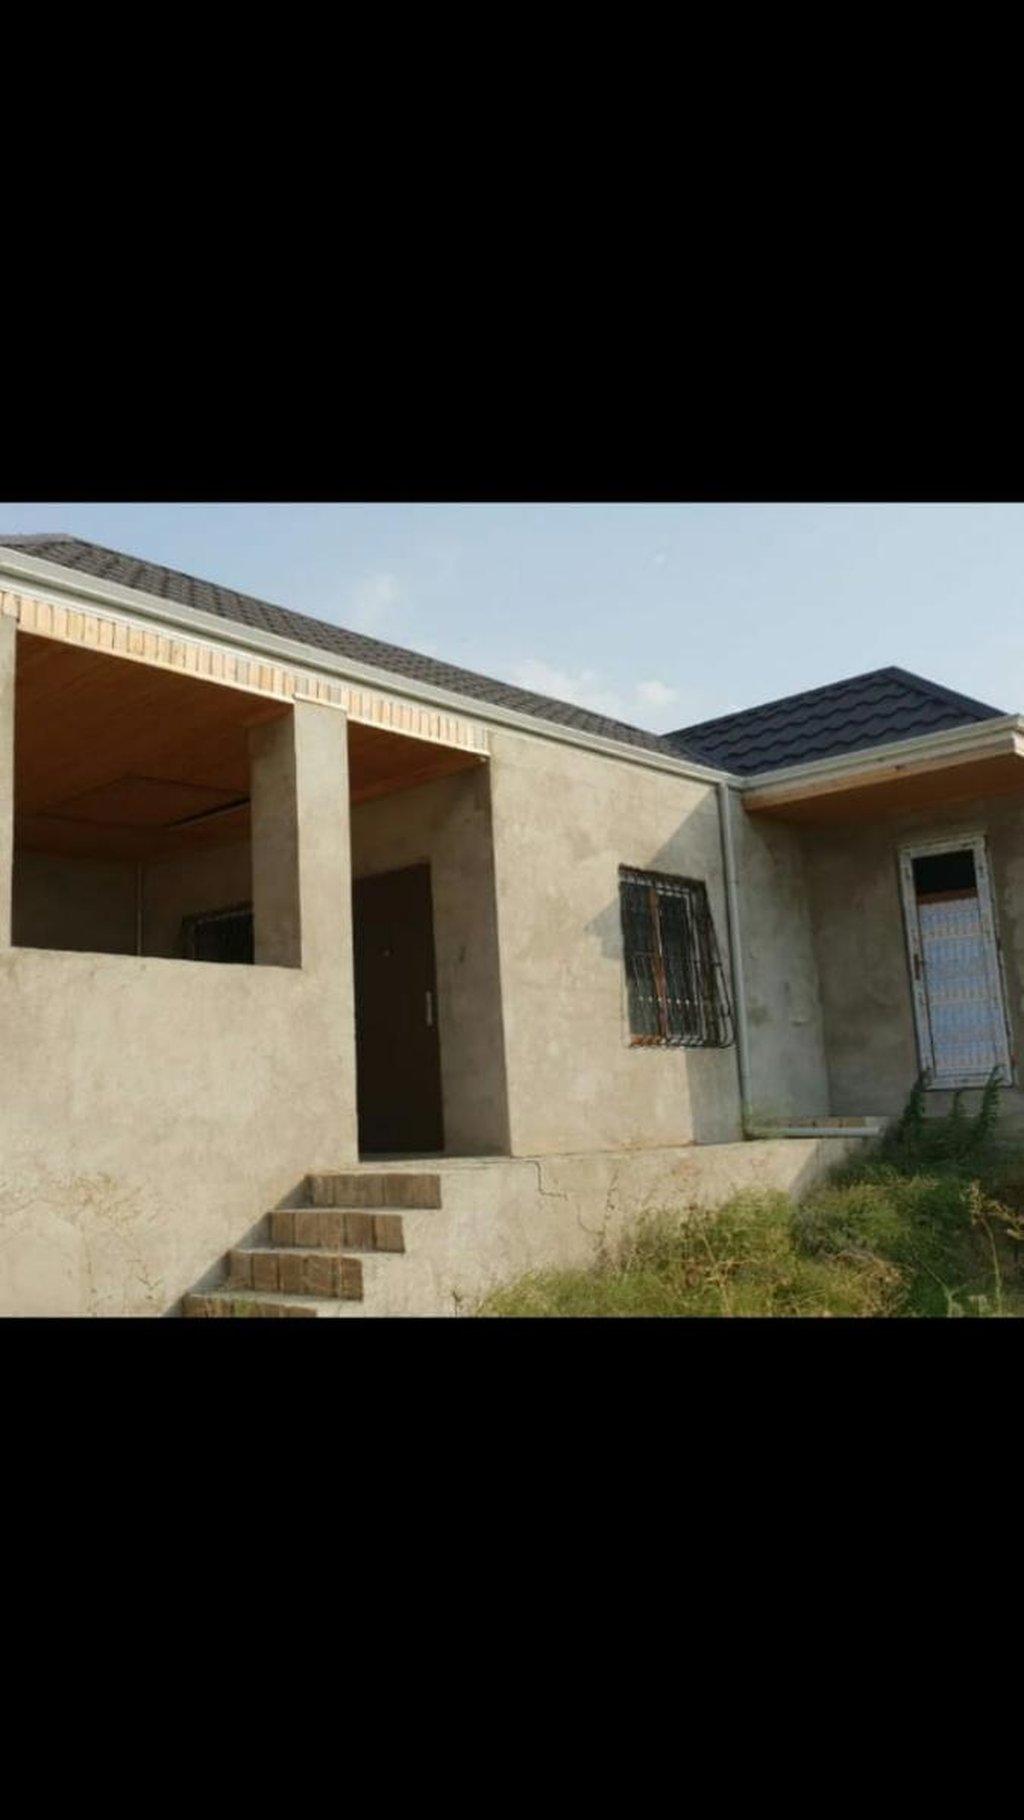 Satış Evlər mülkiyyətçidən: 600 kv. m, 2 otaqlı